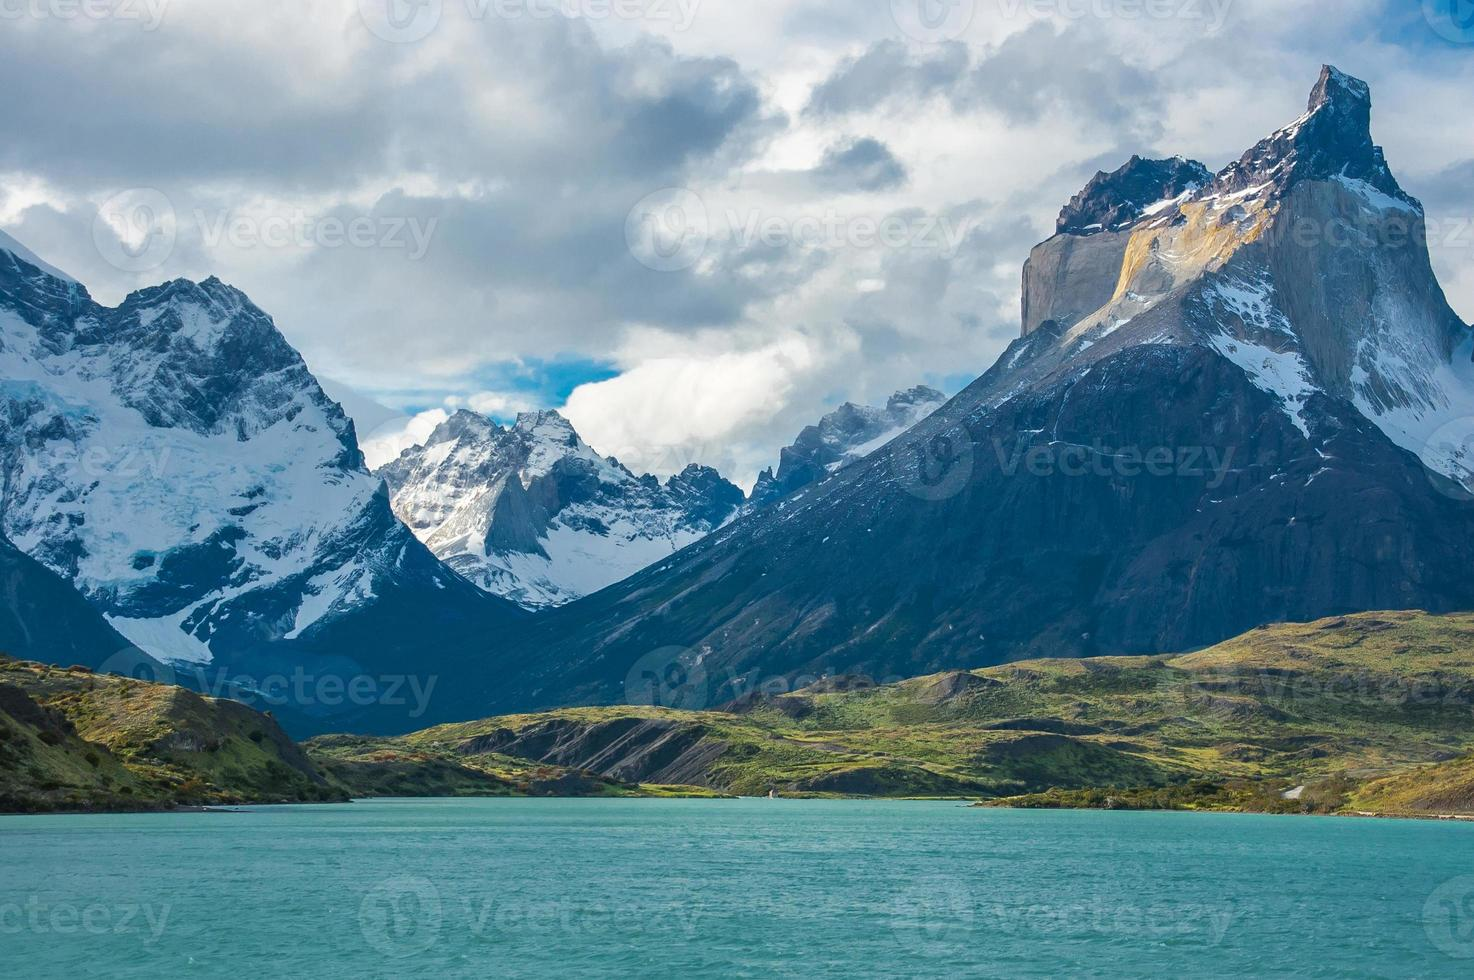 montée en flèche de cuernos del paine sur le lac gris turquoise, chili photo